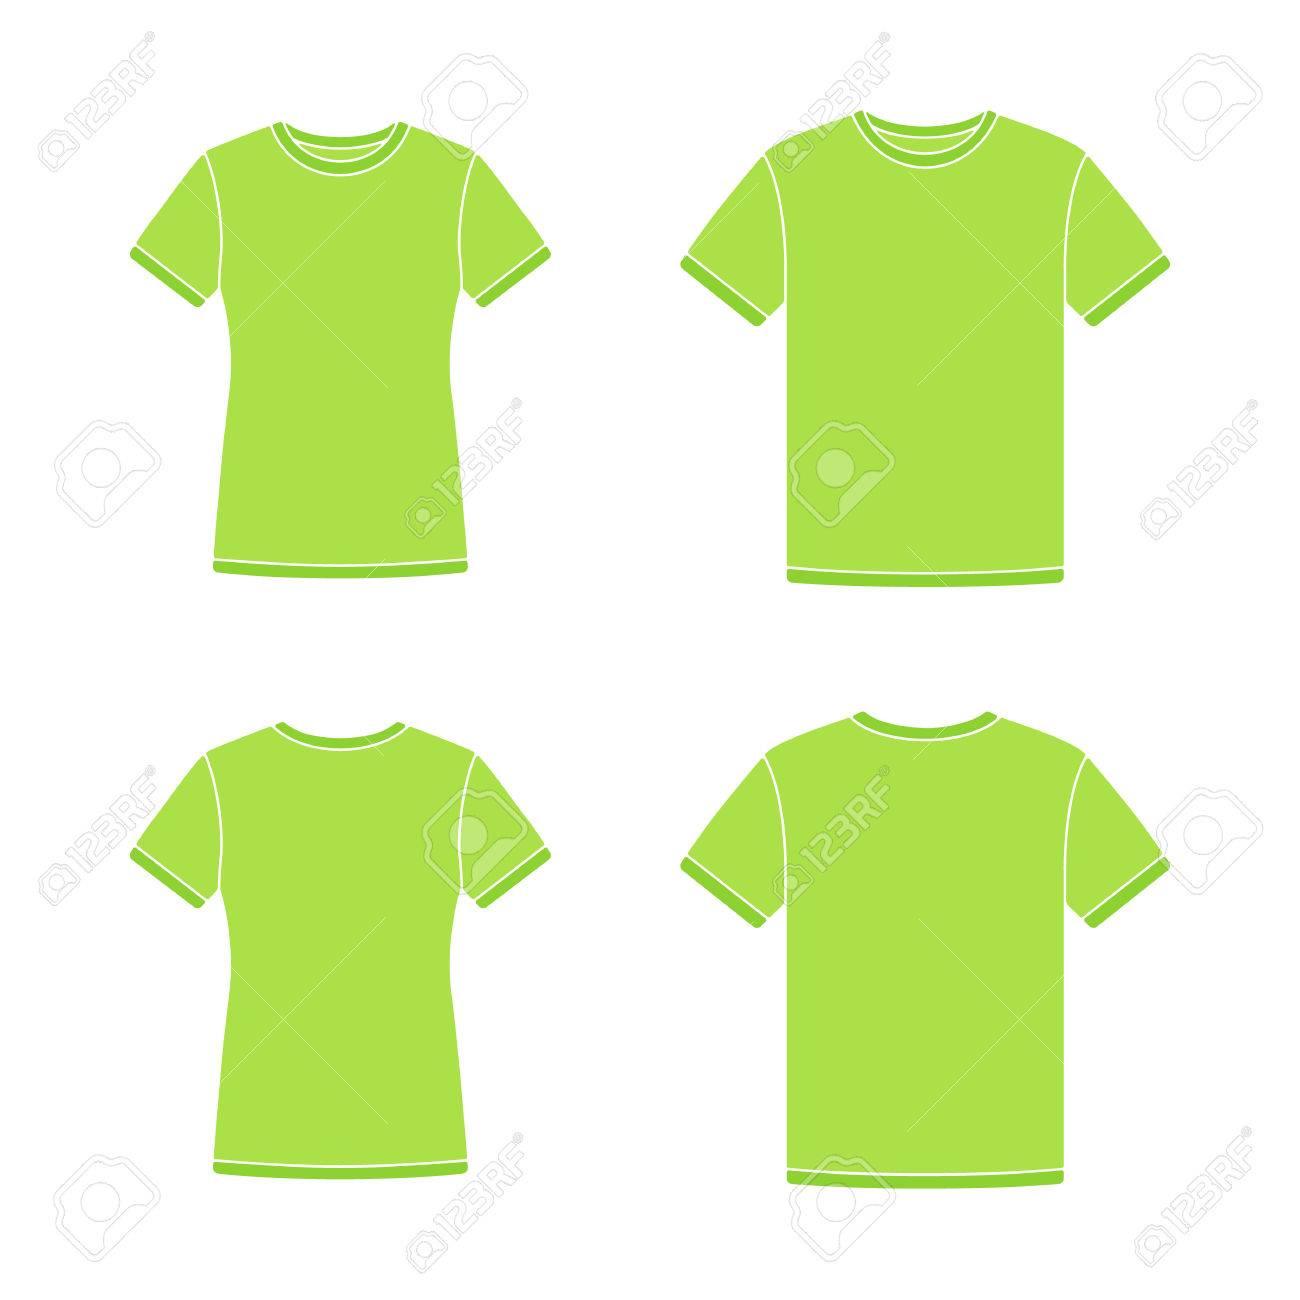 Tolle Einfache T Shirt Malvorlagen Zeitgenössisch - Malvorlagen Von ...